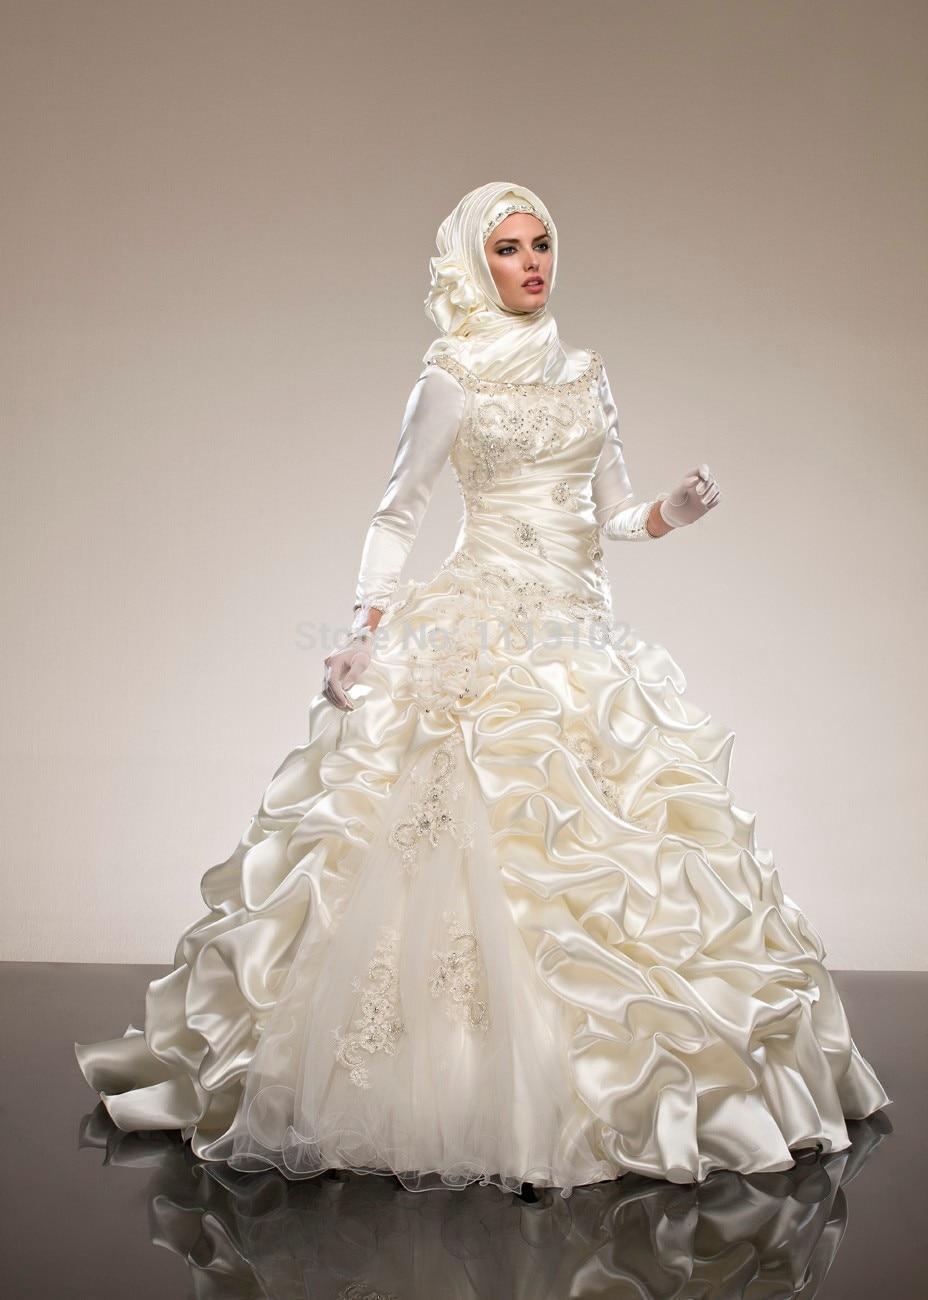 Us 24276 16 Offwanita Gaya Barat Sederhana Lengan Panjang Di Atas Lutut Gaun Pengantin Muslim Satin Vestido De Noiva Vintage Bride Pernikahan Gaun